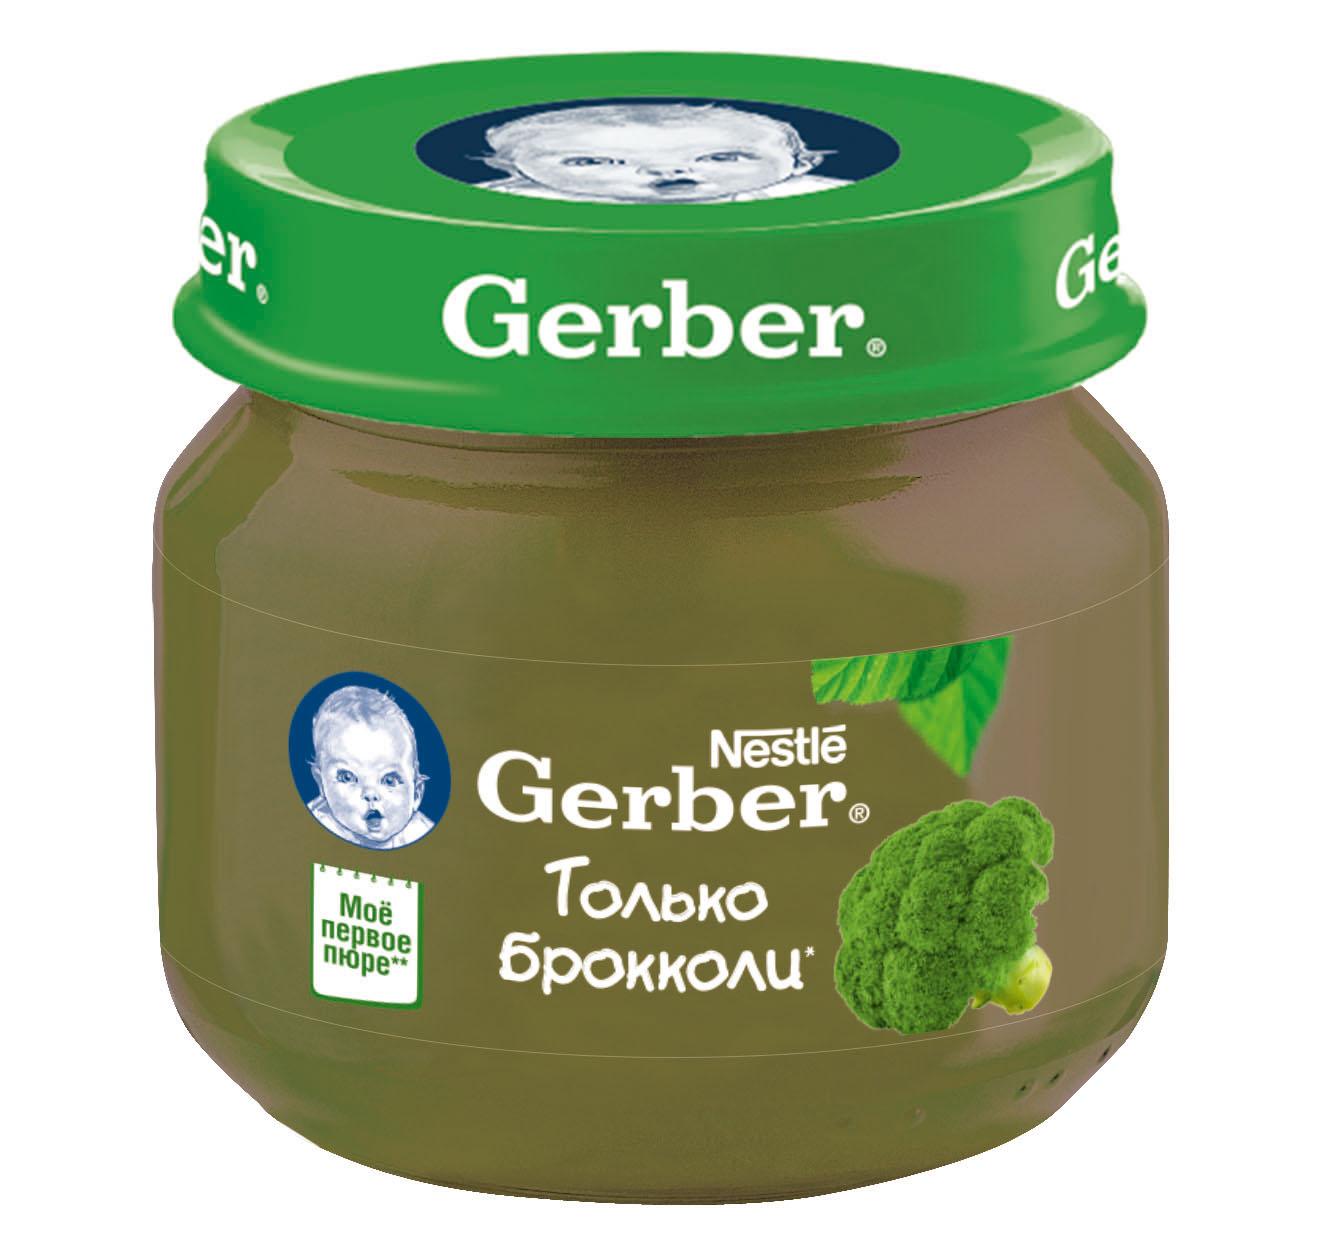 Гербер Пюре брокколи Gerber